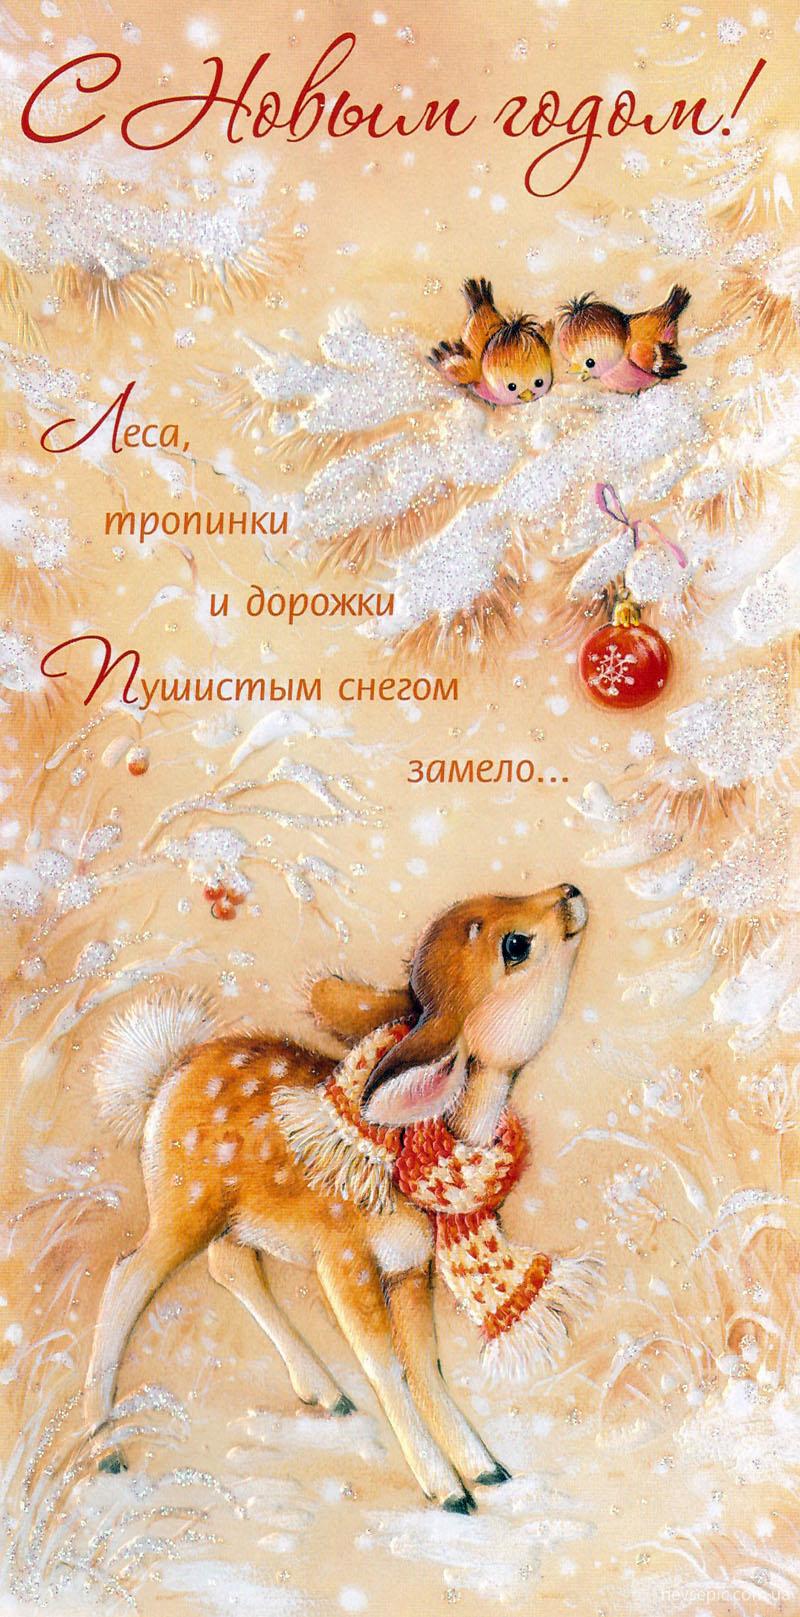 Добрые новогодние открытки федотовой марины